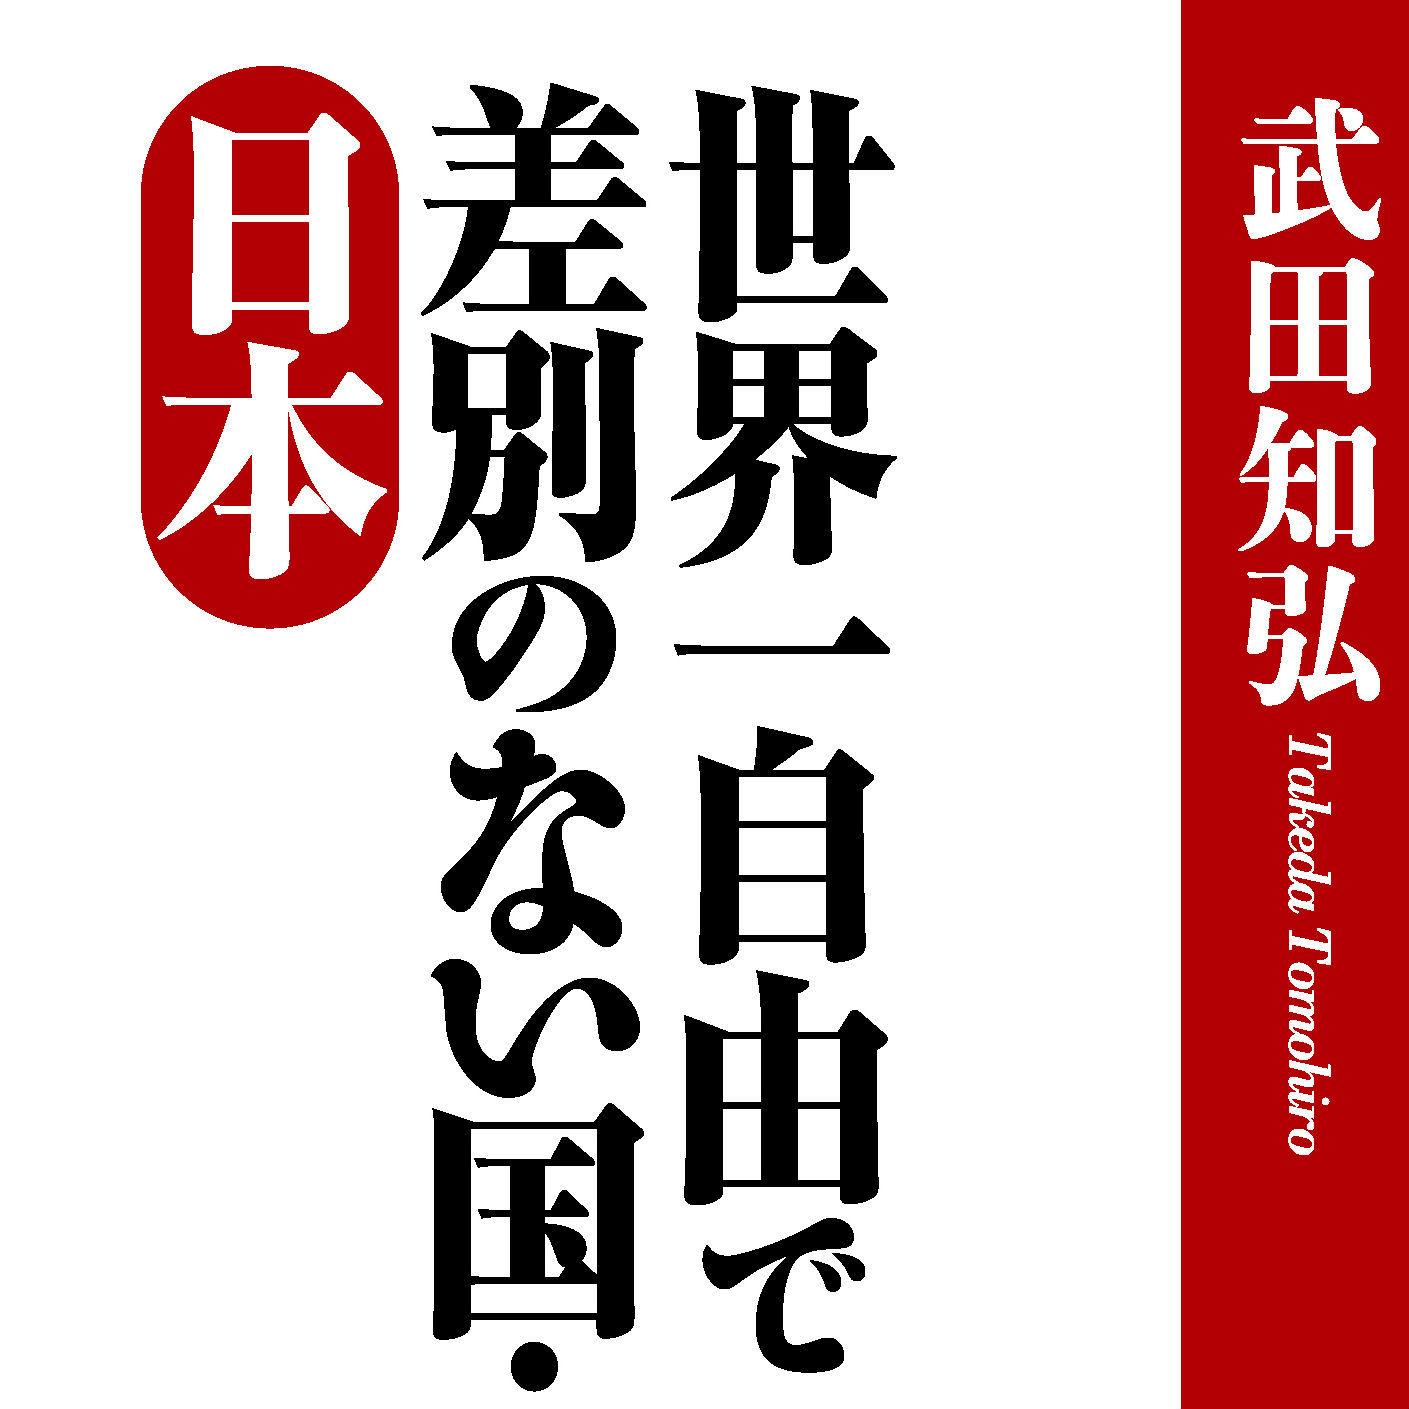 来日外国人はなぜ日本を絶賛するのか?